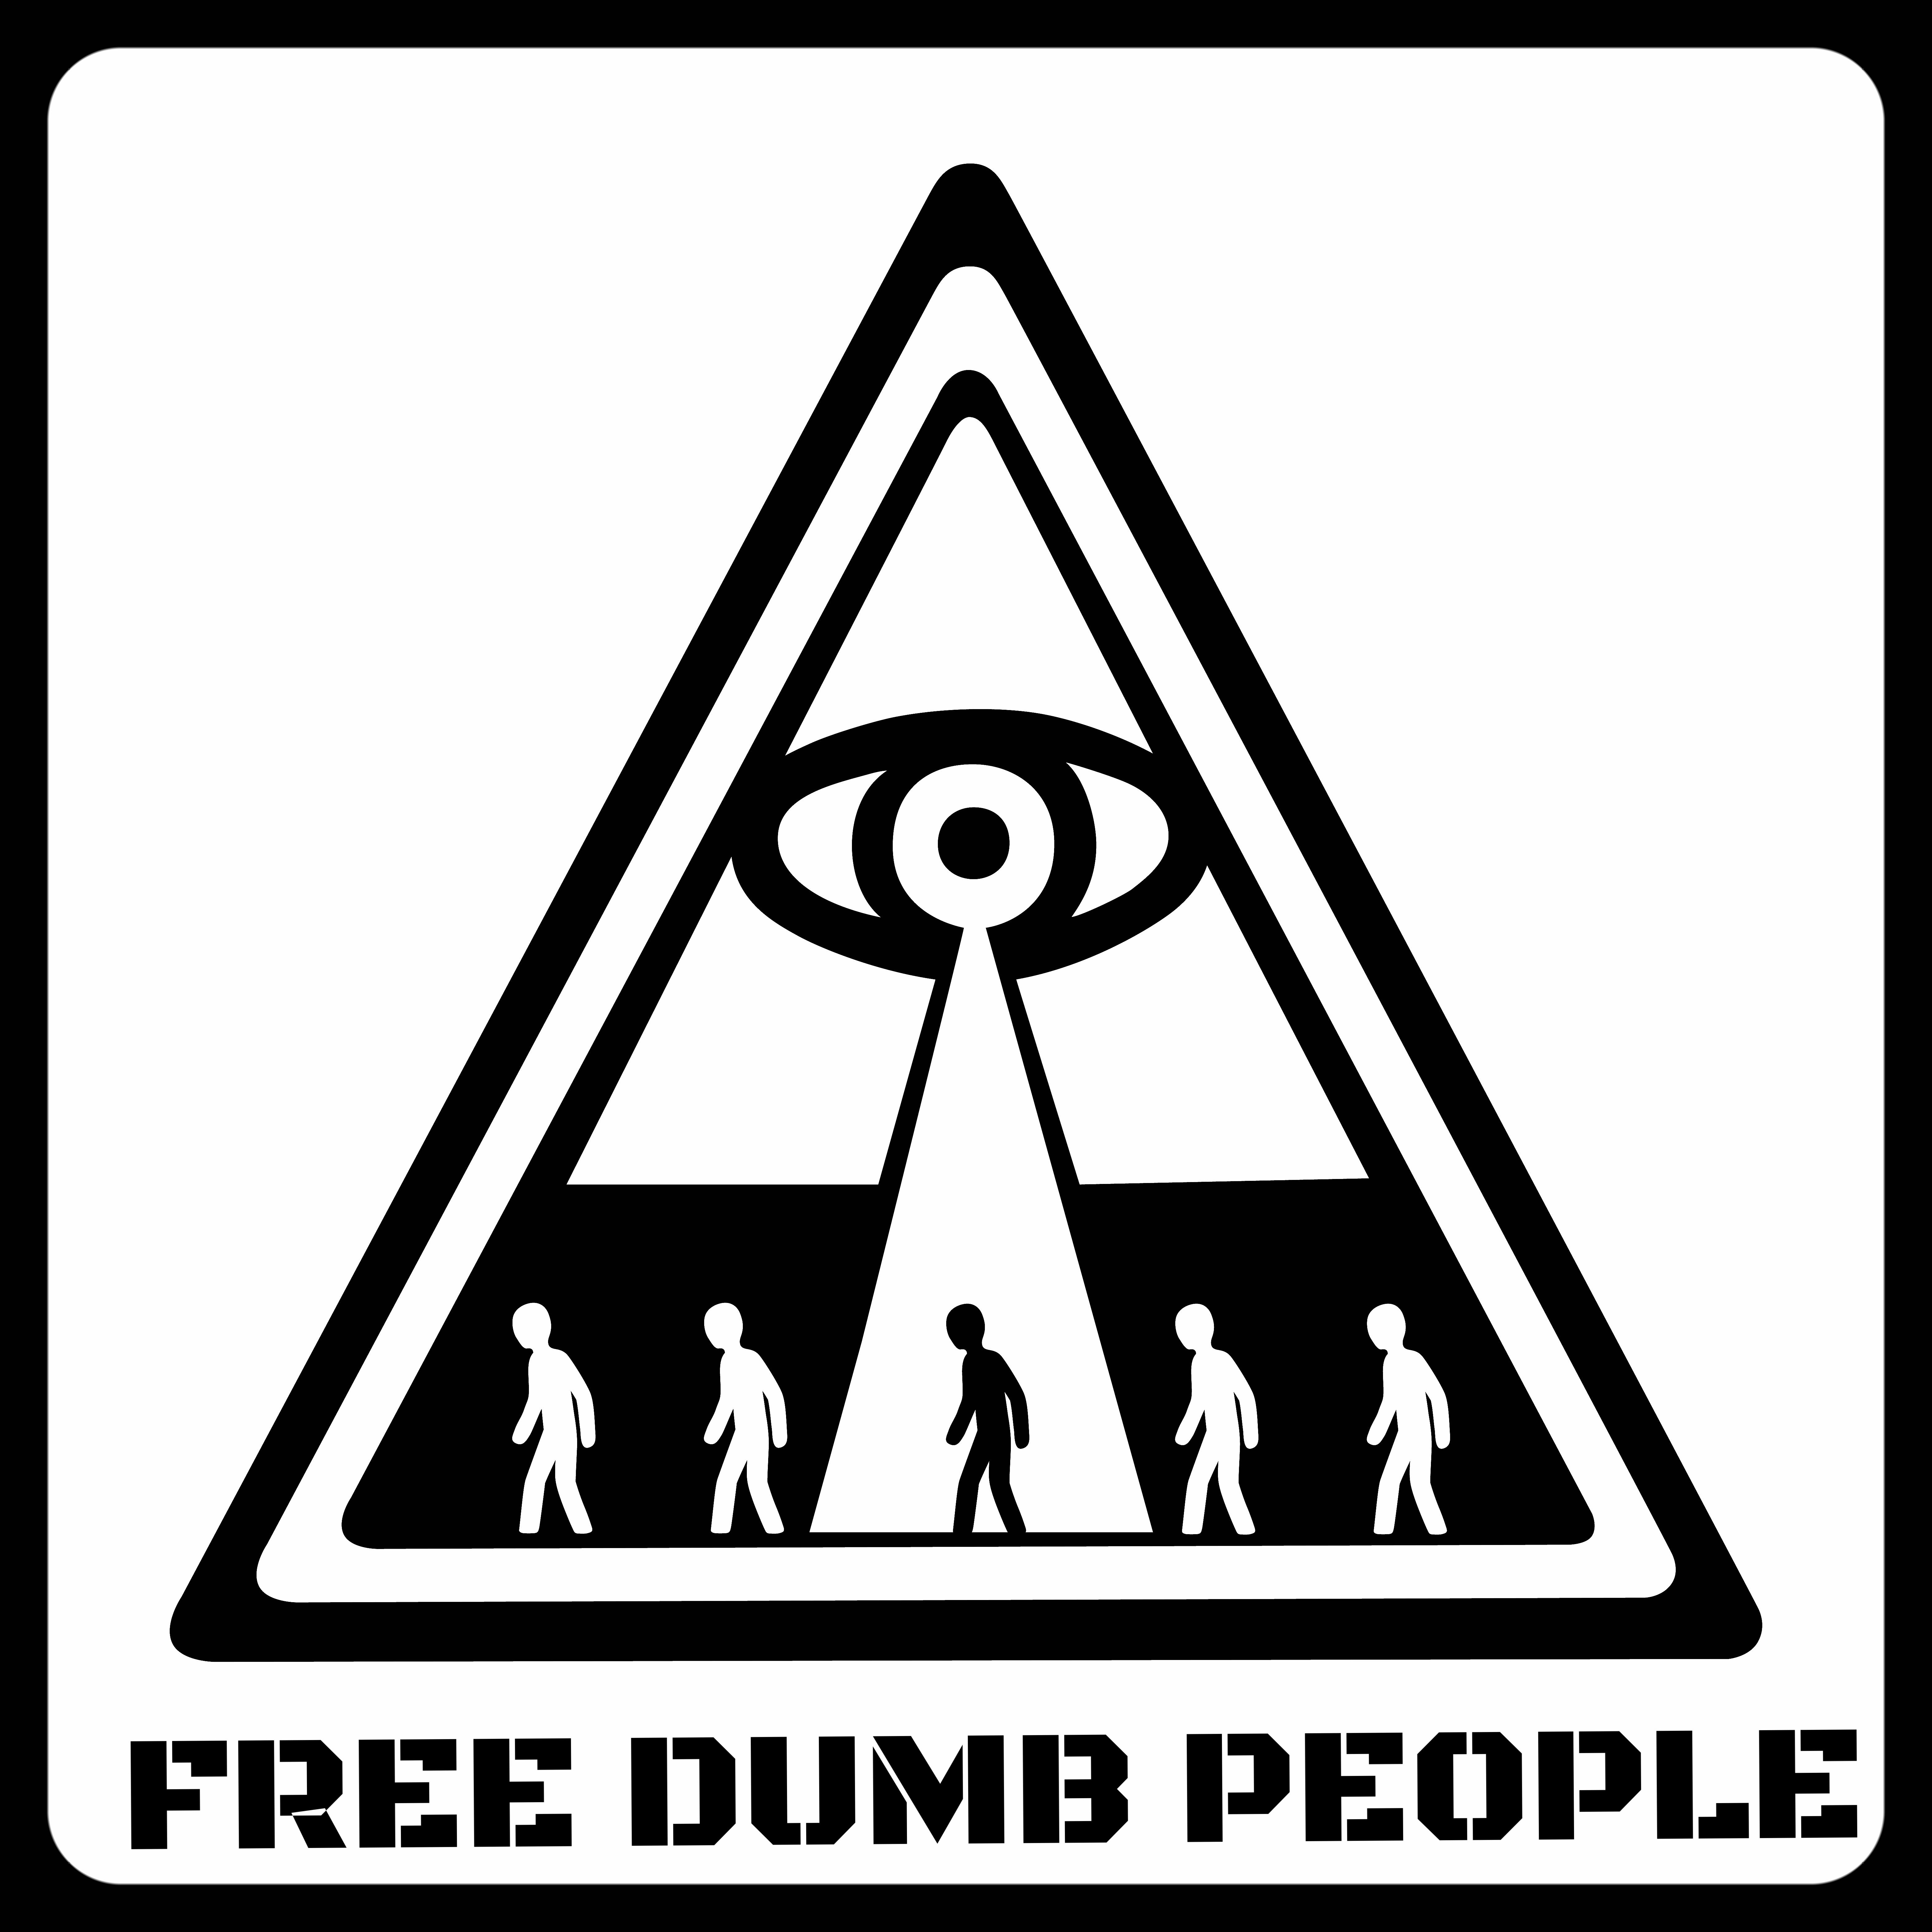 Free Dumb People Magazine